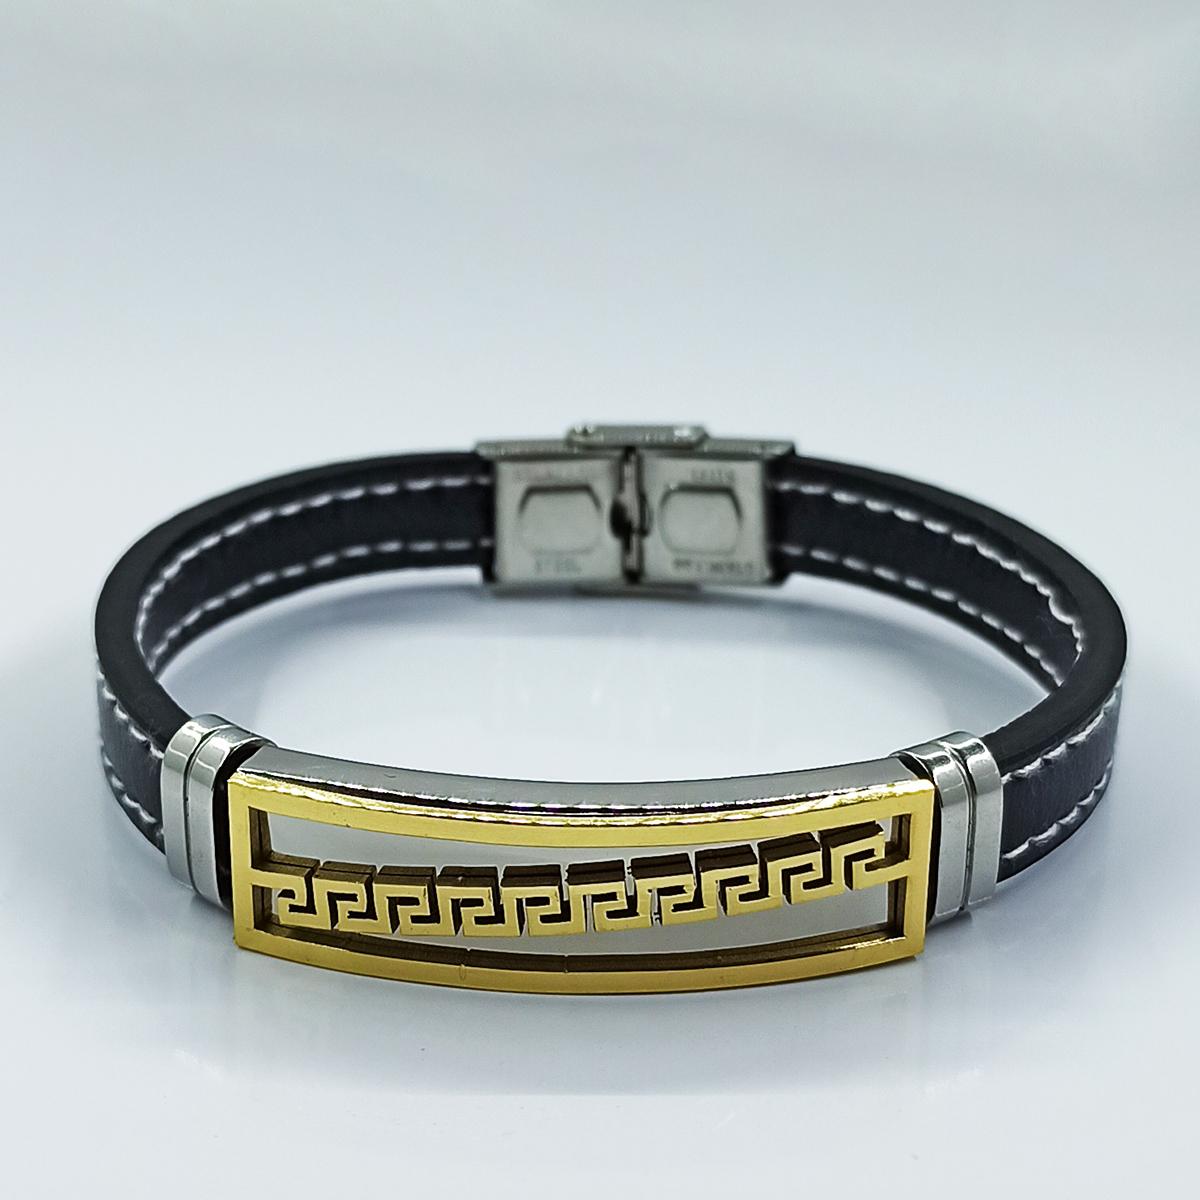 دستبند سلین کالا مدل استیل ce-As42